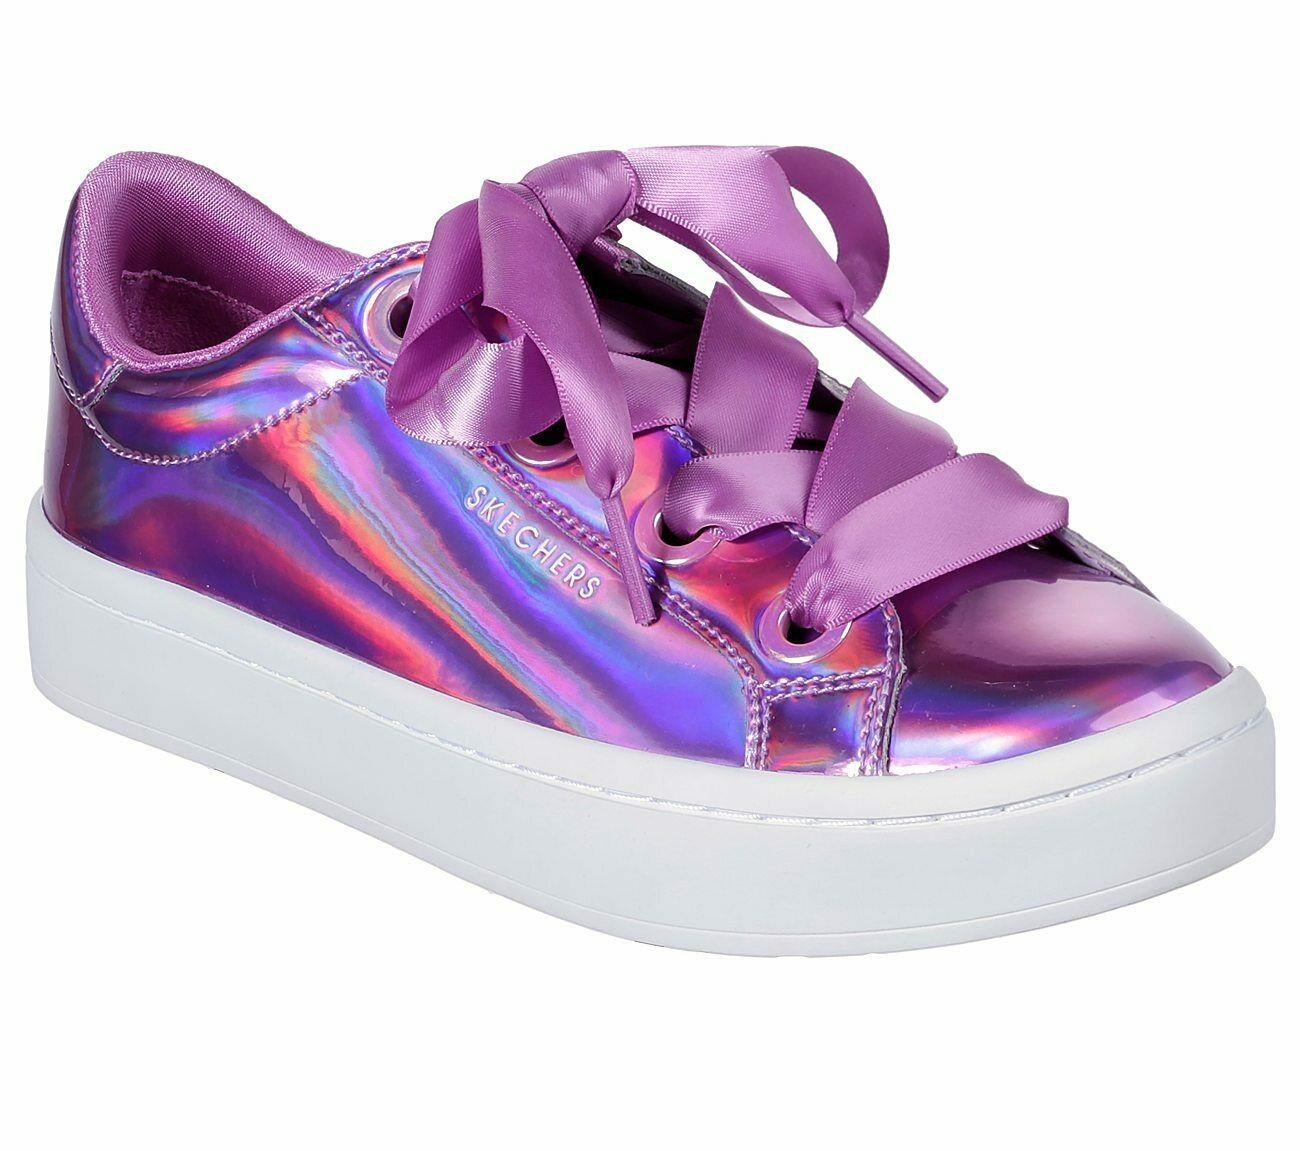 Détails sur Skechers Hi lites Liquide Bling Baskets Pour Femme Métallique Fat Laces Shoes 958 afficher le titre d'origine